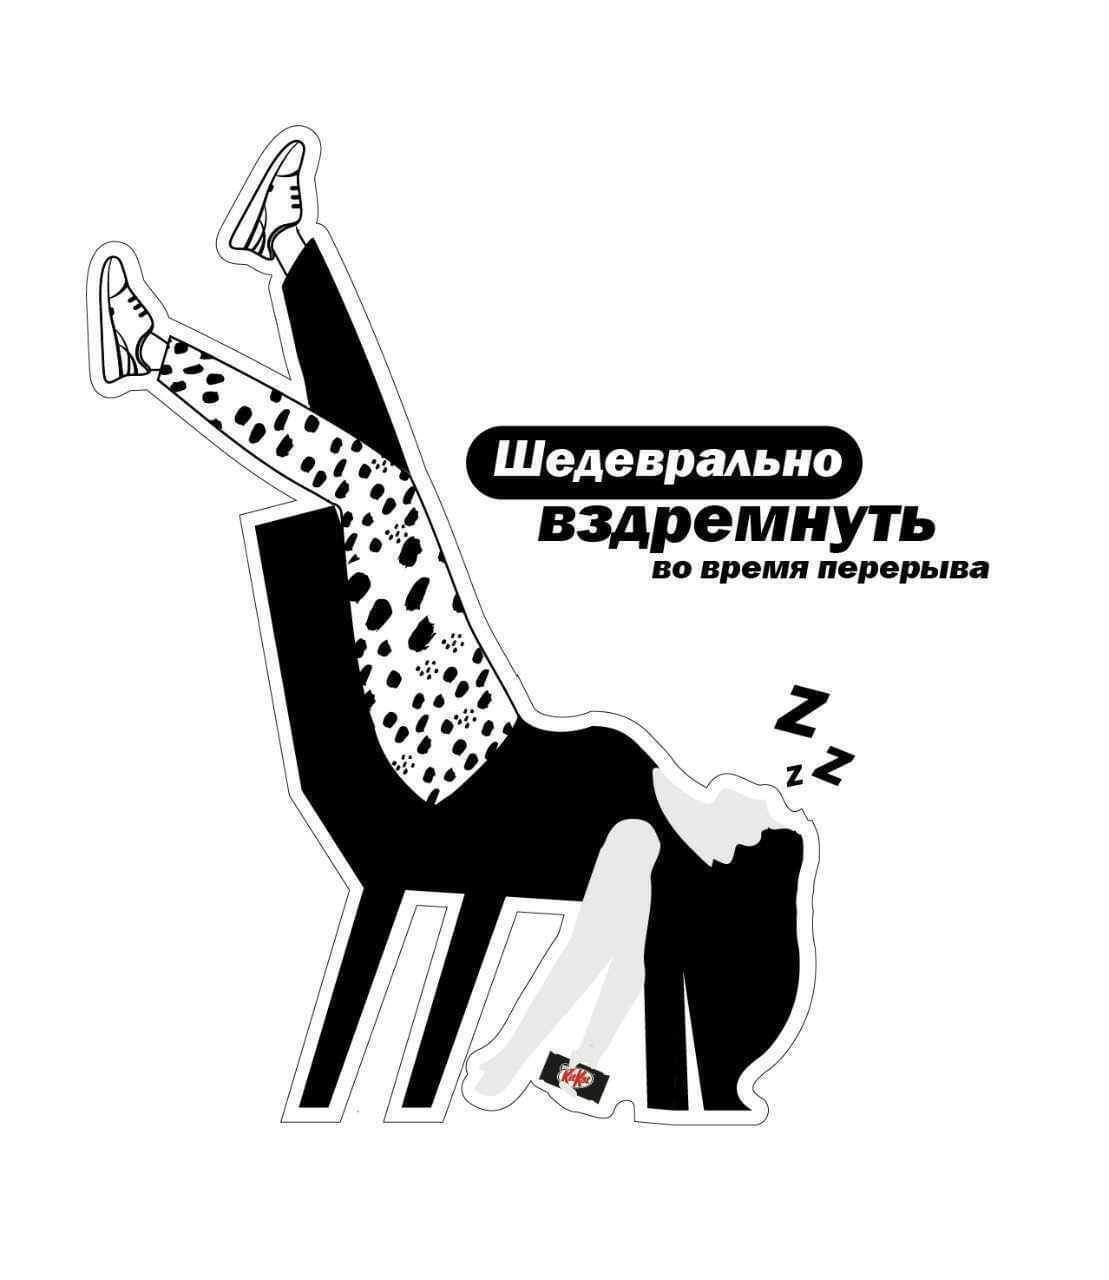 Шедевральный перерыв: в честь запуска черно-белой новинки известный бренд выяснил, как россияне отдыхают в перерывах